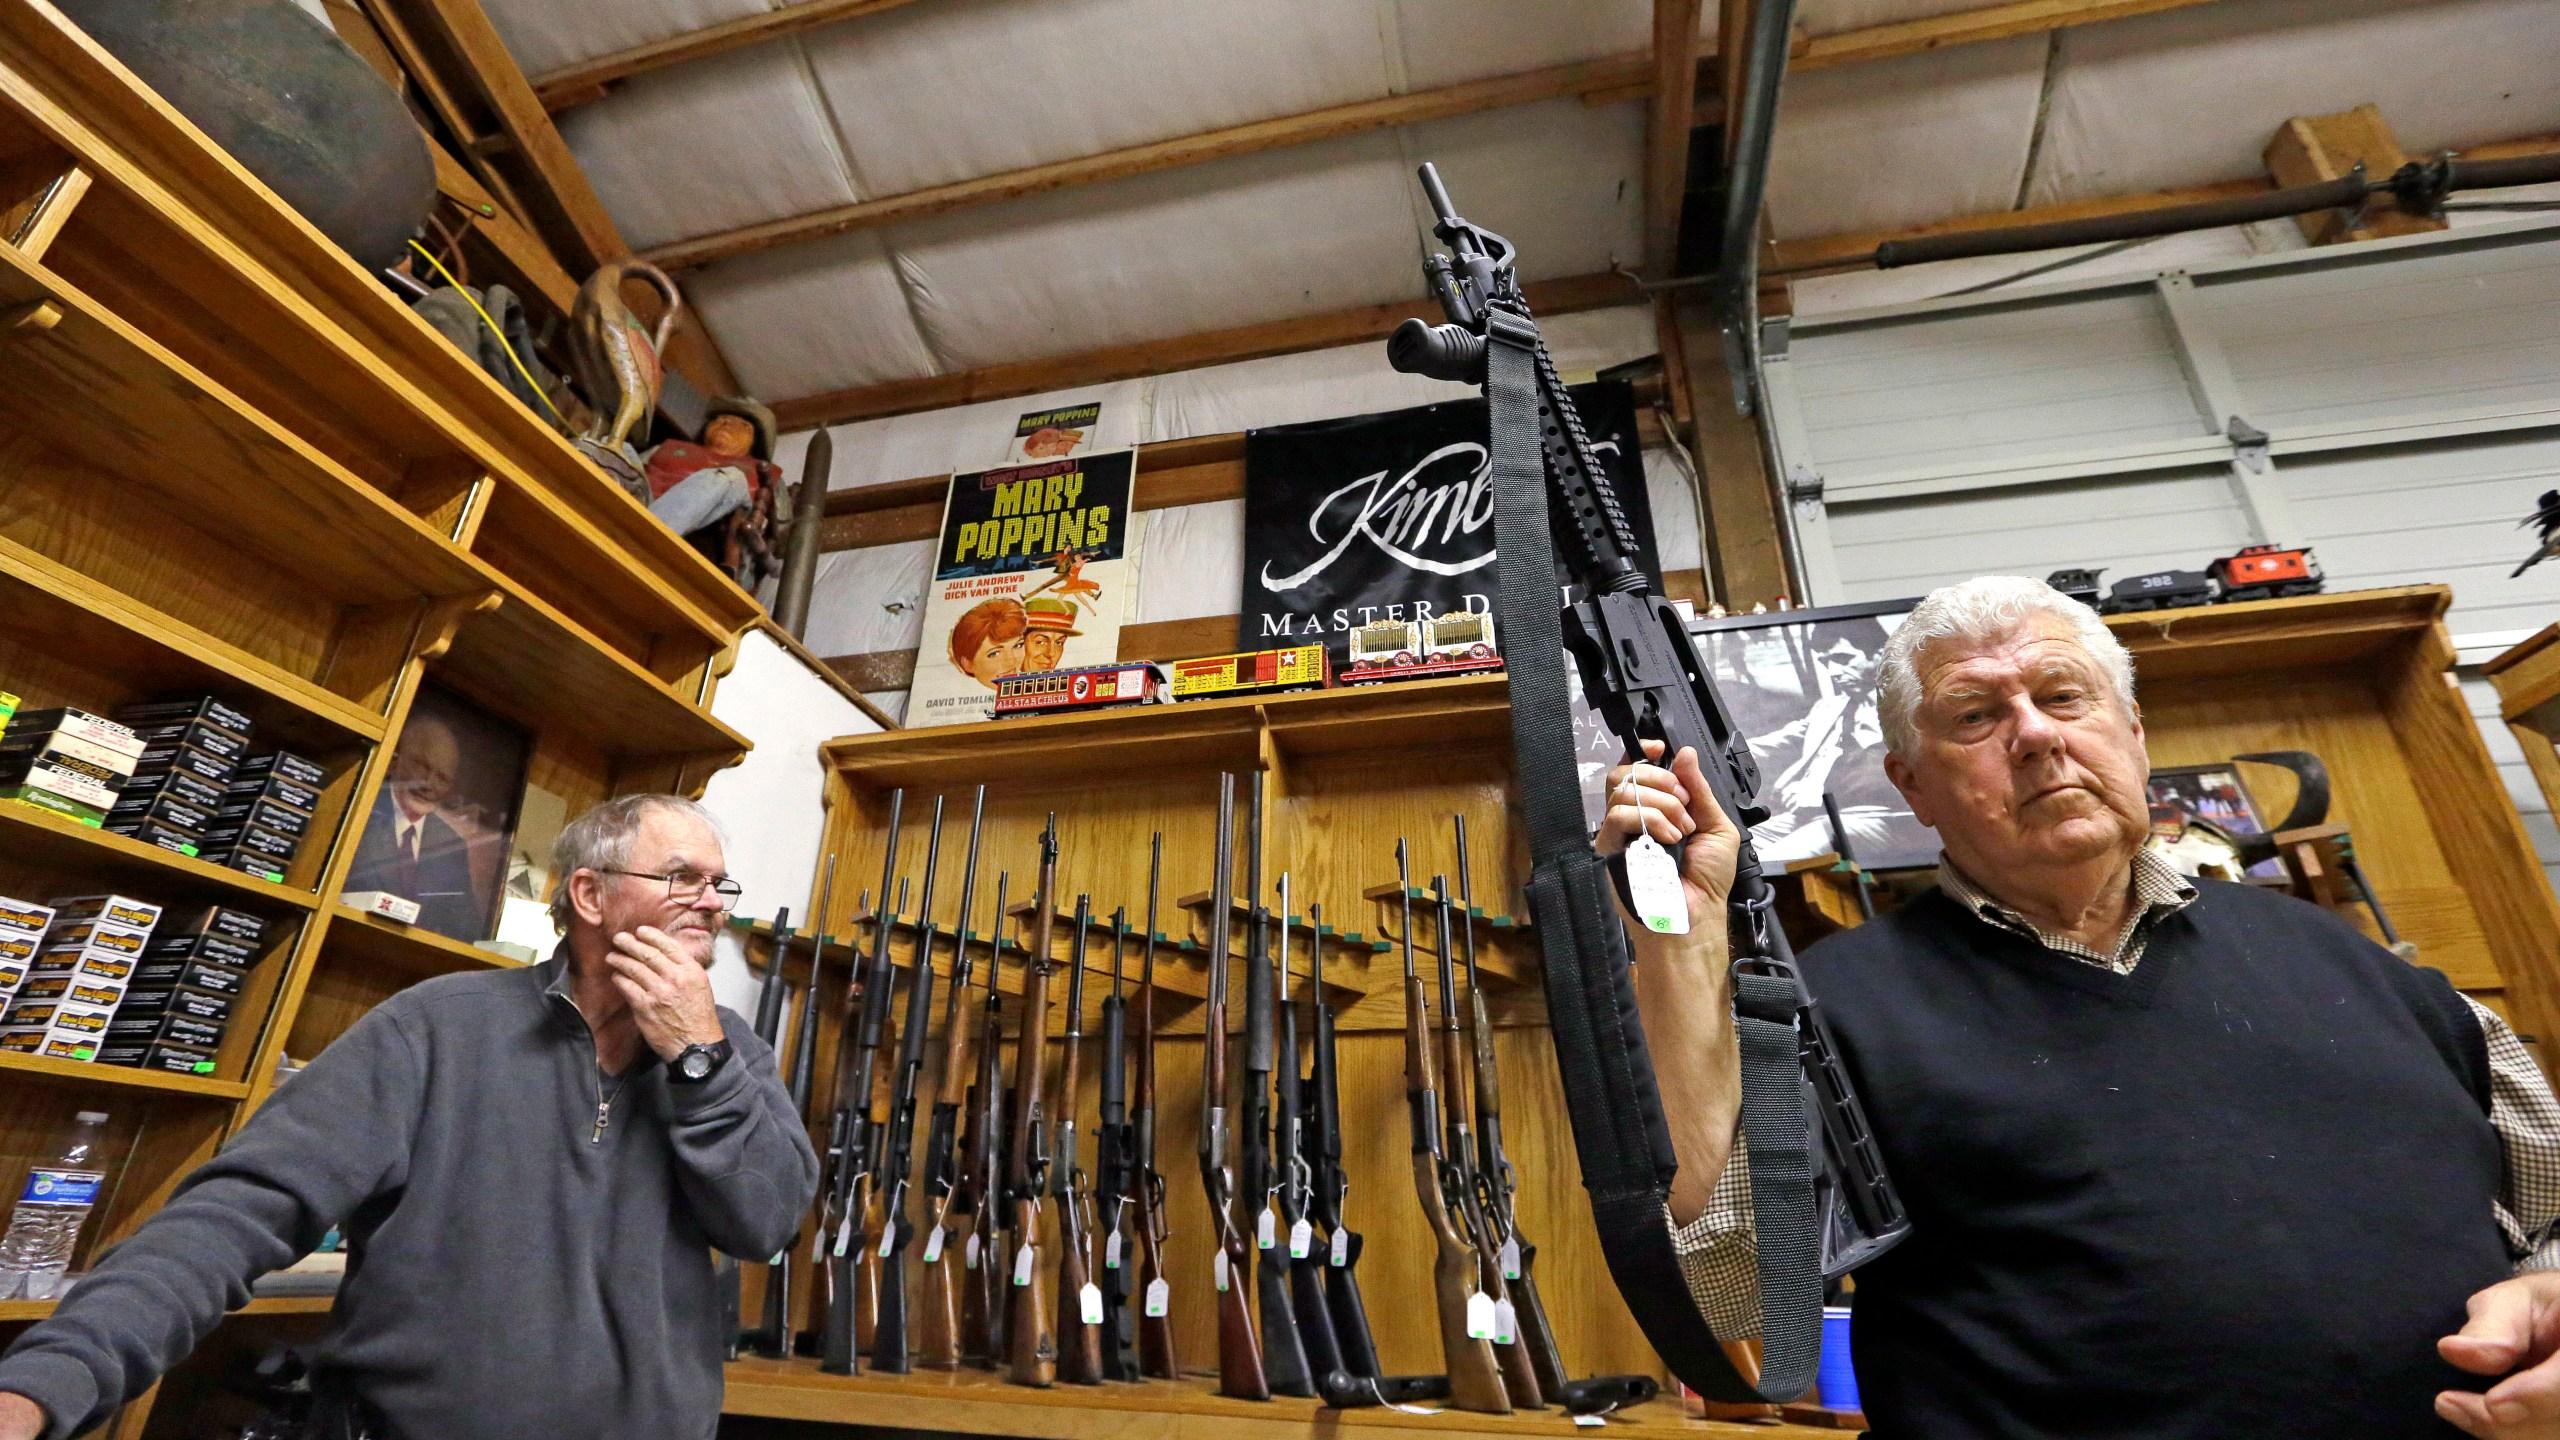 Law_Enforcement_Selling_Guns_Spokane_45417-159532.jpg84435316